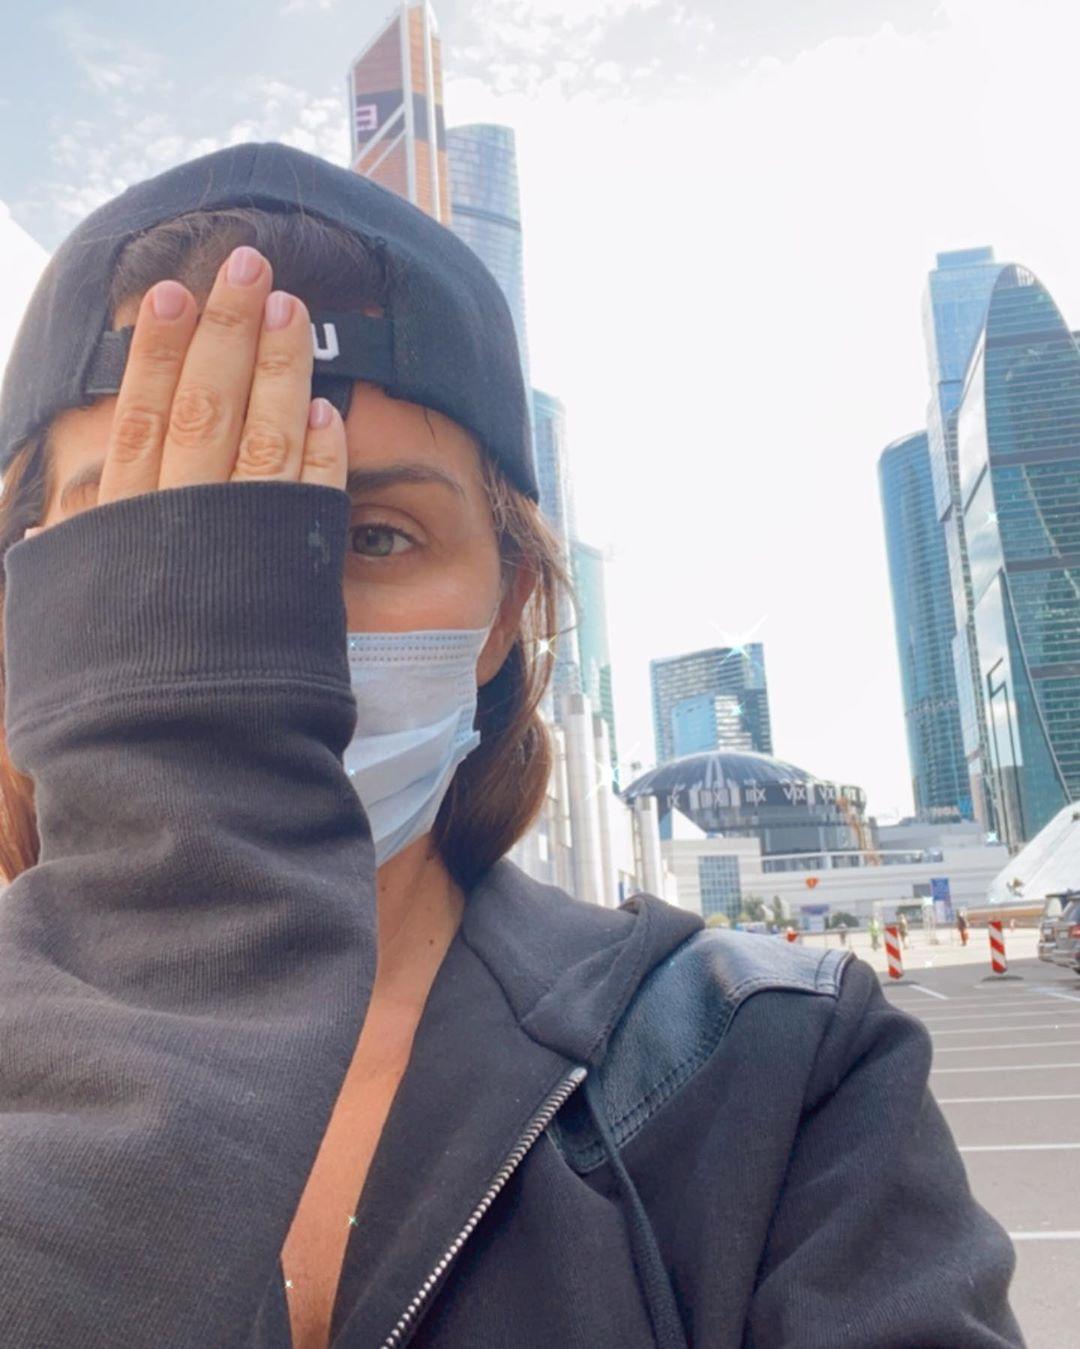 Анна Седокова рассказала о предательстве